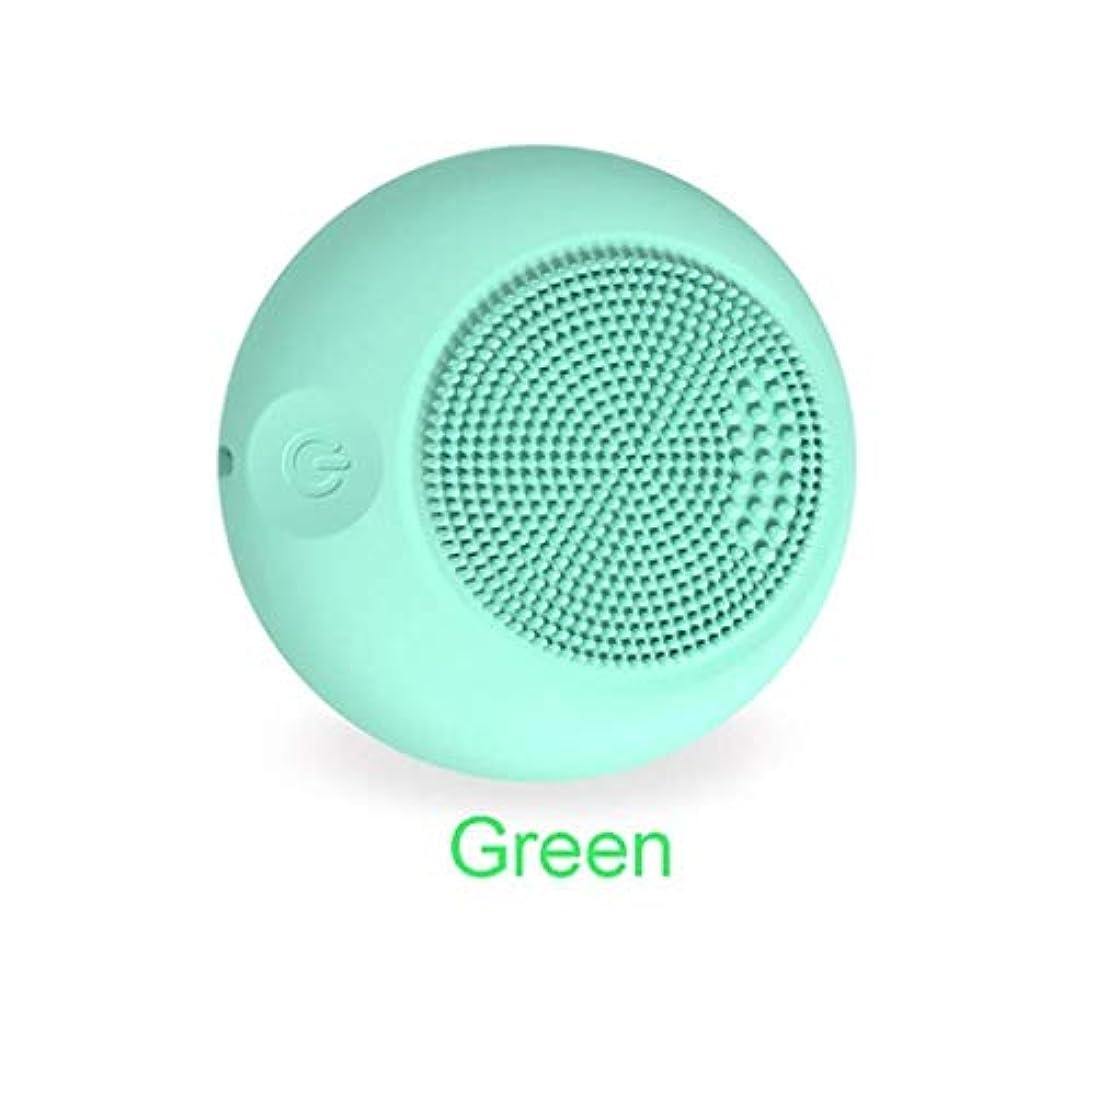 クレンジングブラシ、電動フェイシャルマッサージ、振動シリコンフェイシャルディープクリーン電気防水マッサージクレンザー (Color : 緑)